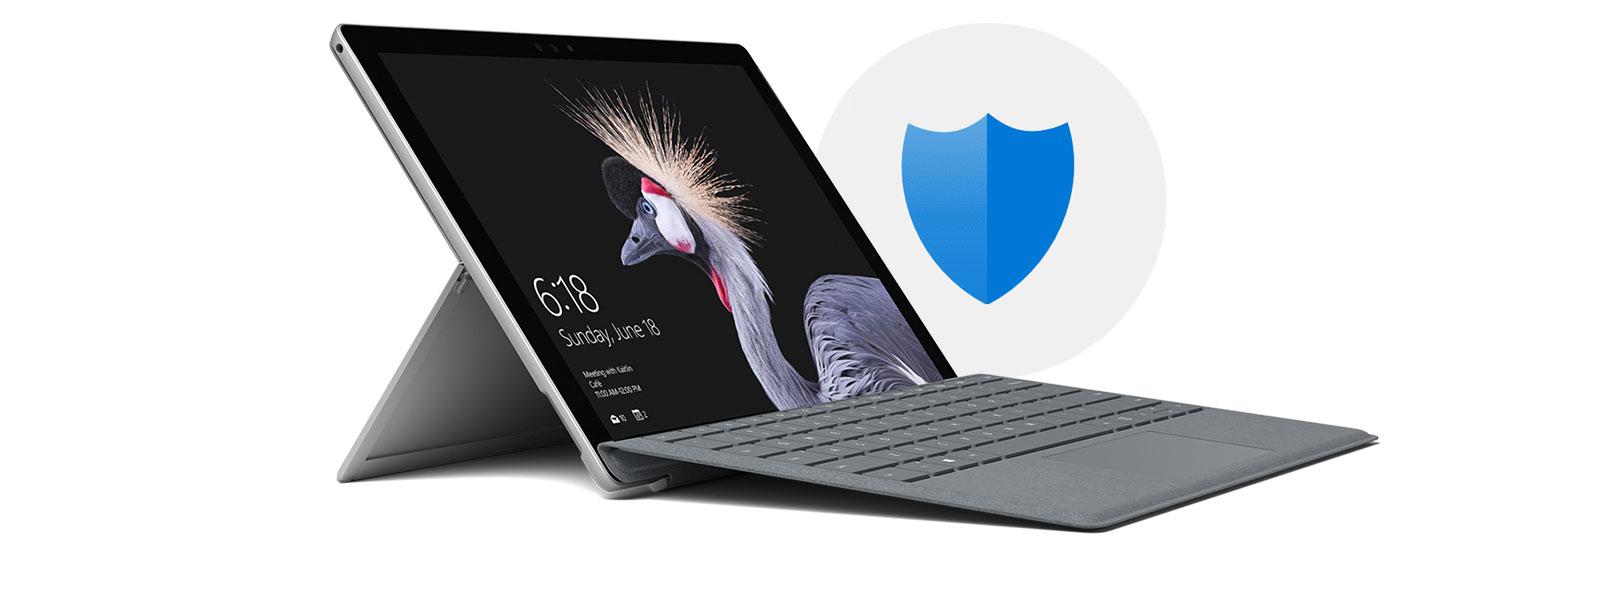 Surface Pro i laptopläge med startskärm, vänd åt höger och med en säkerhetsikon i bakgrunden.